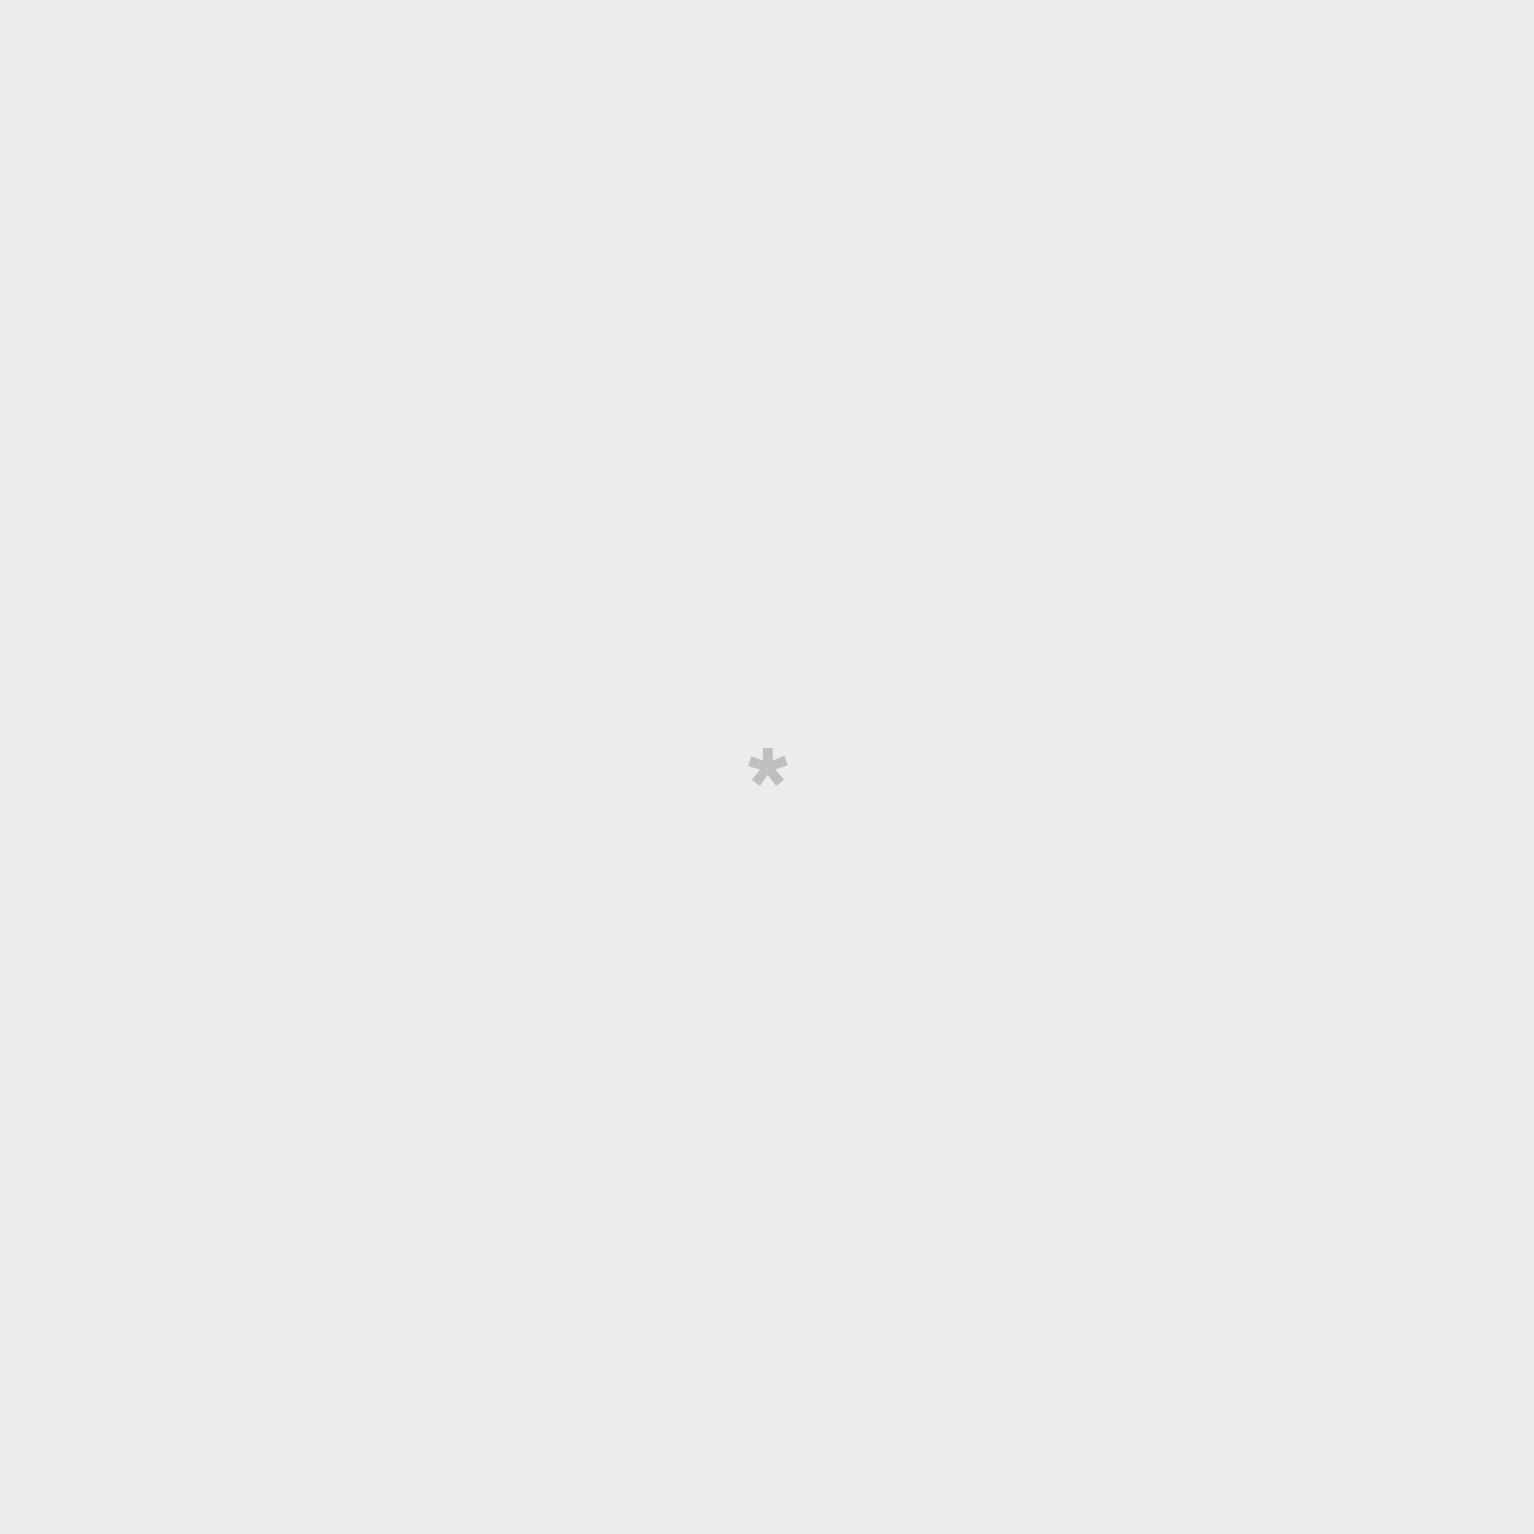 Beach towel - Fiesta y verano ¡toalla en mano!